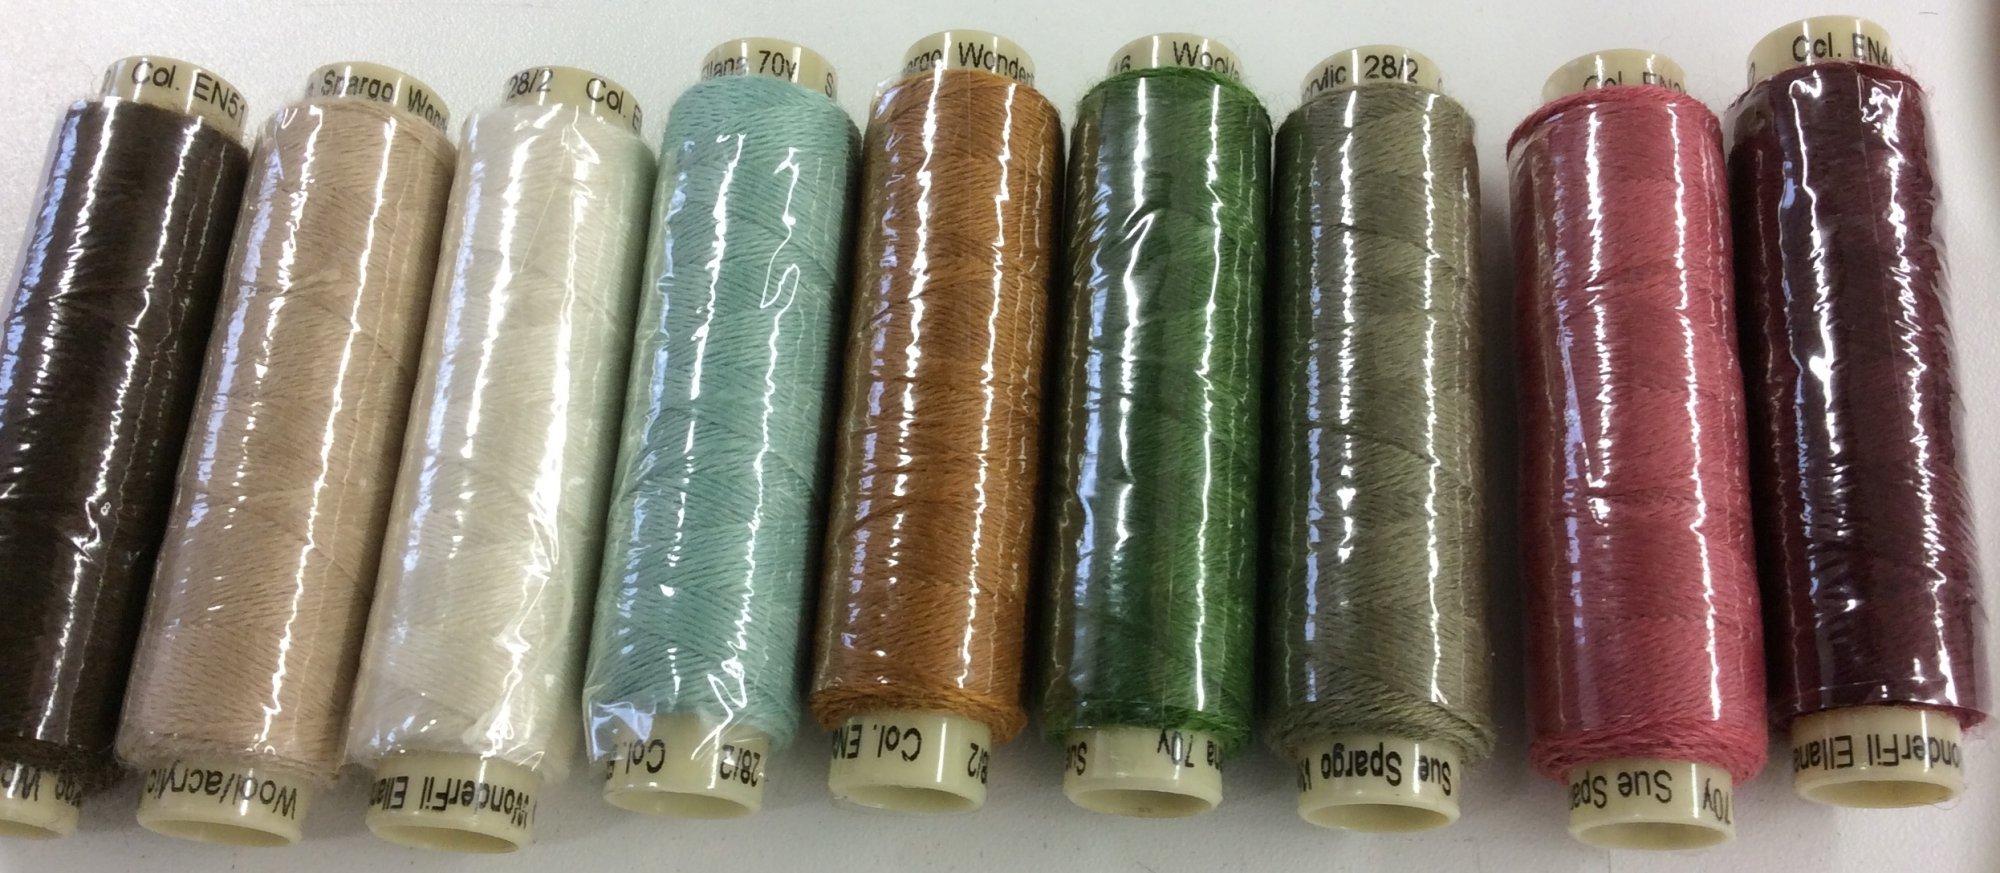 Wooly Wednesday Thread Bundle